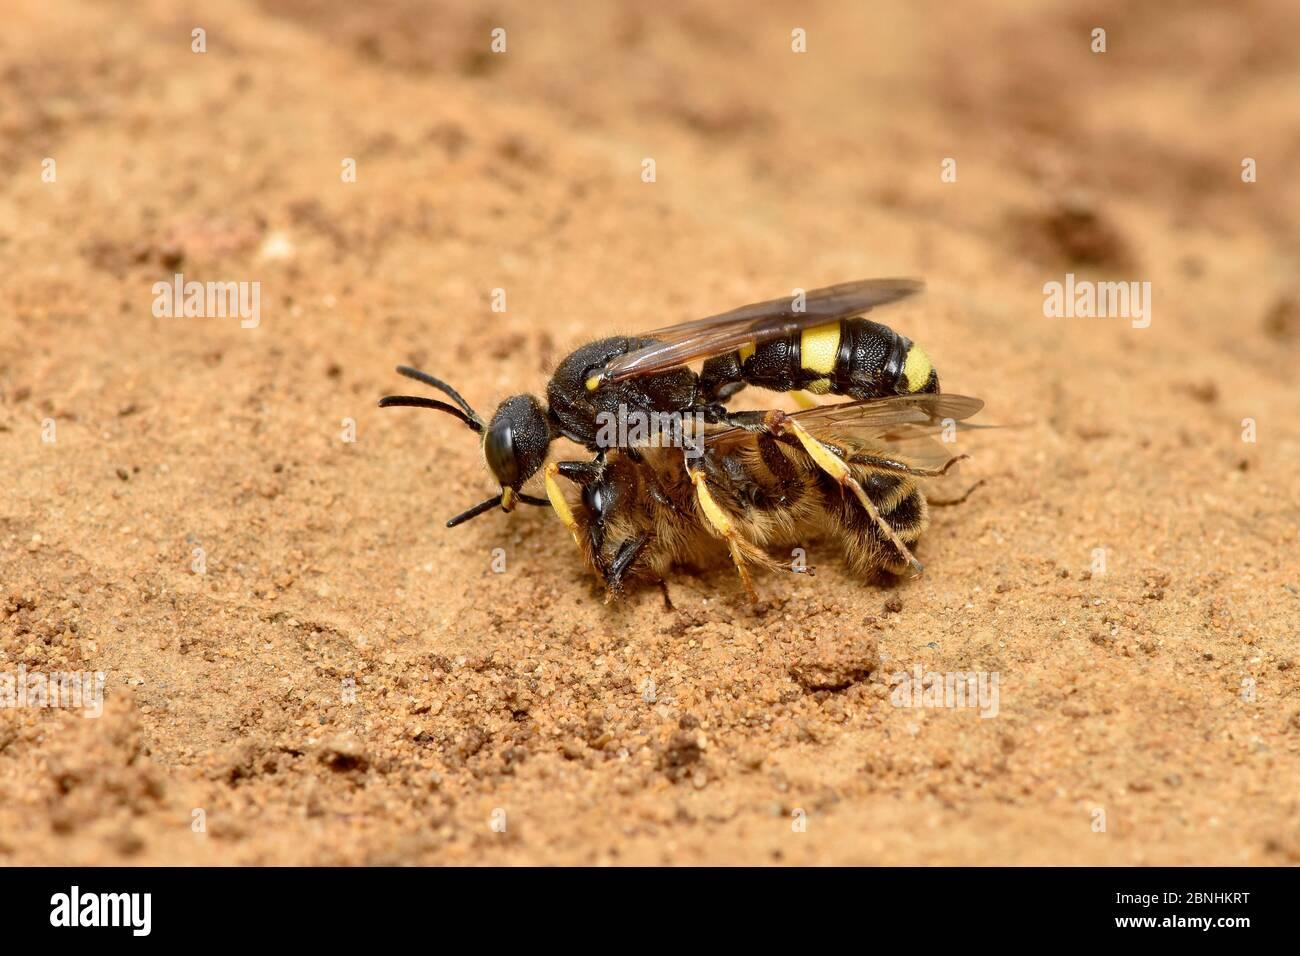 Avispa de la excavadora (Cerceris rybyensis) llevando la abeja minera paralizada (Andrena flavipes) de vuelta al madriguera donde la víctima será ingerida por las larvas de avispa, su Foto de stock